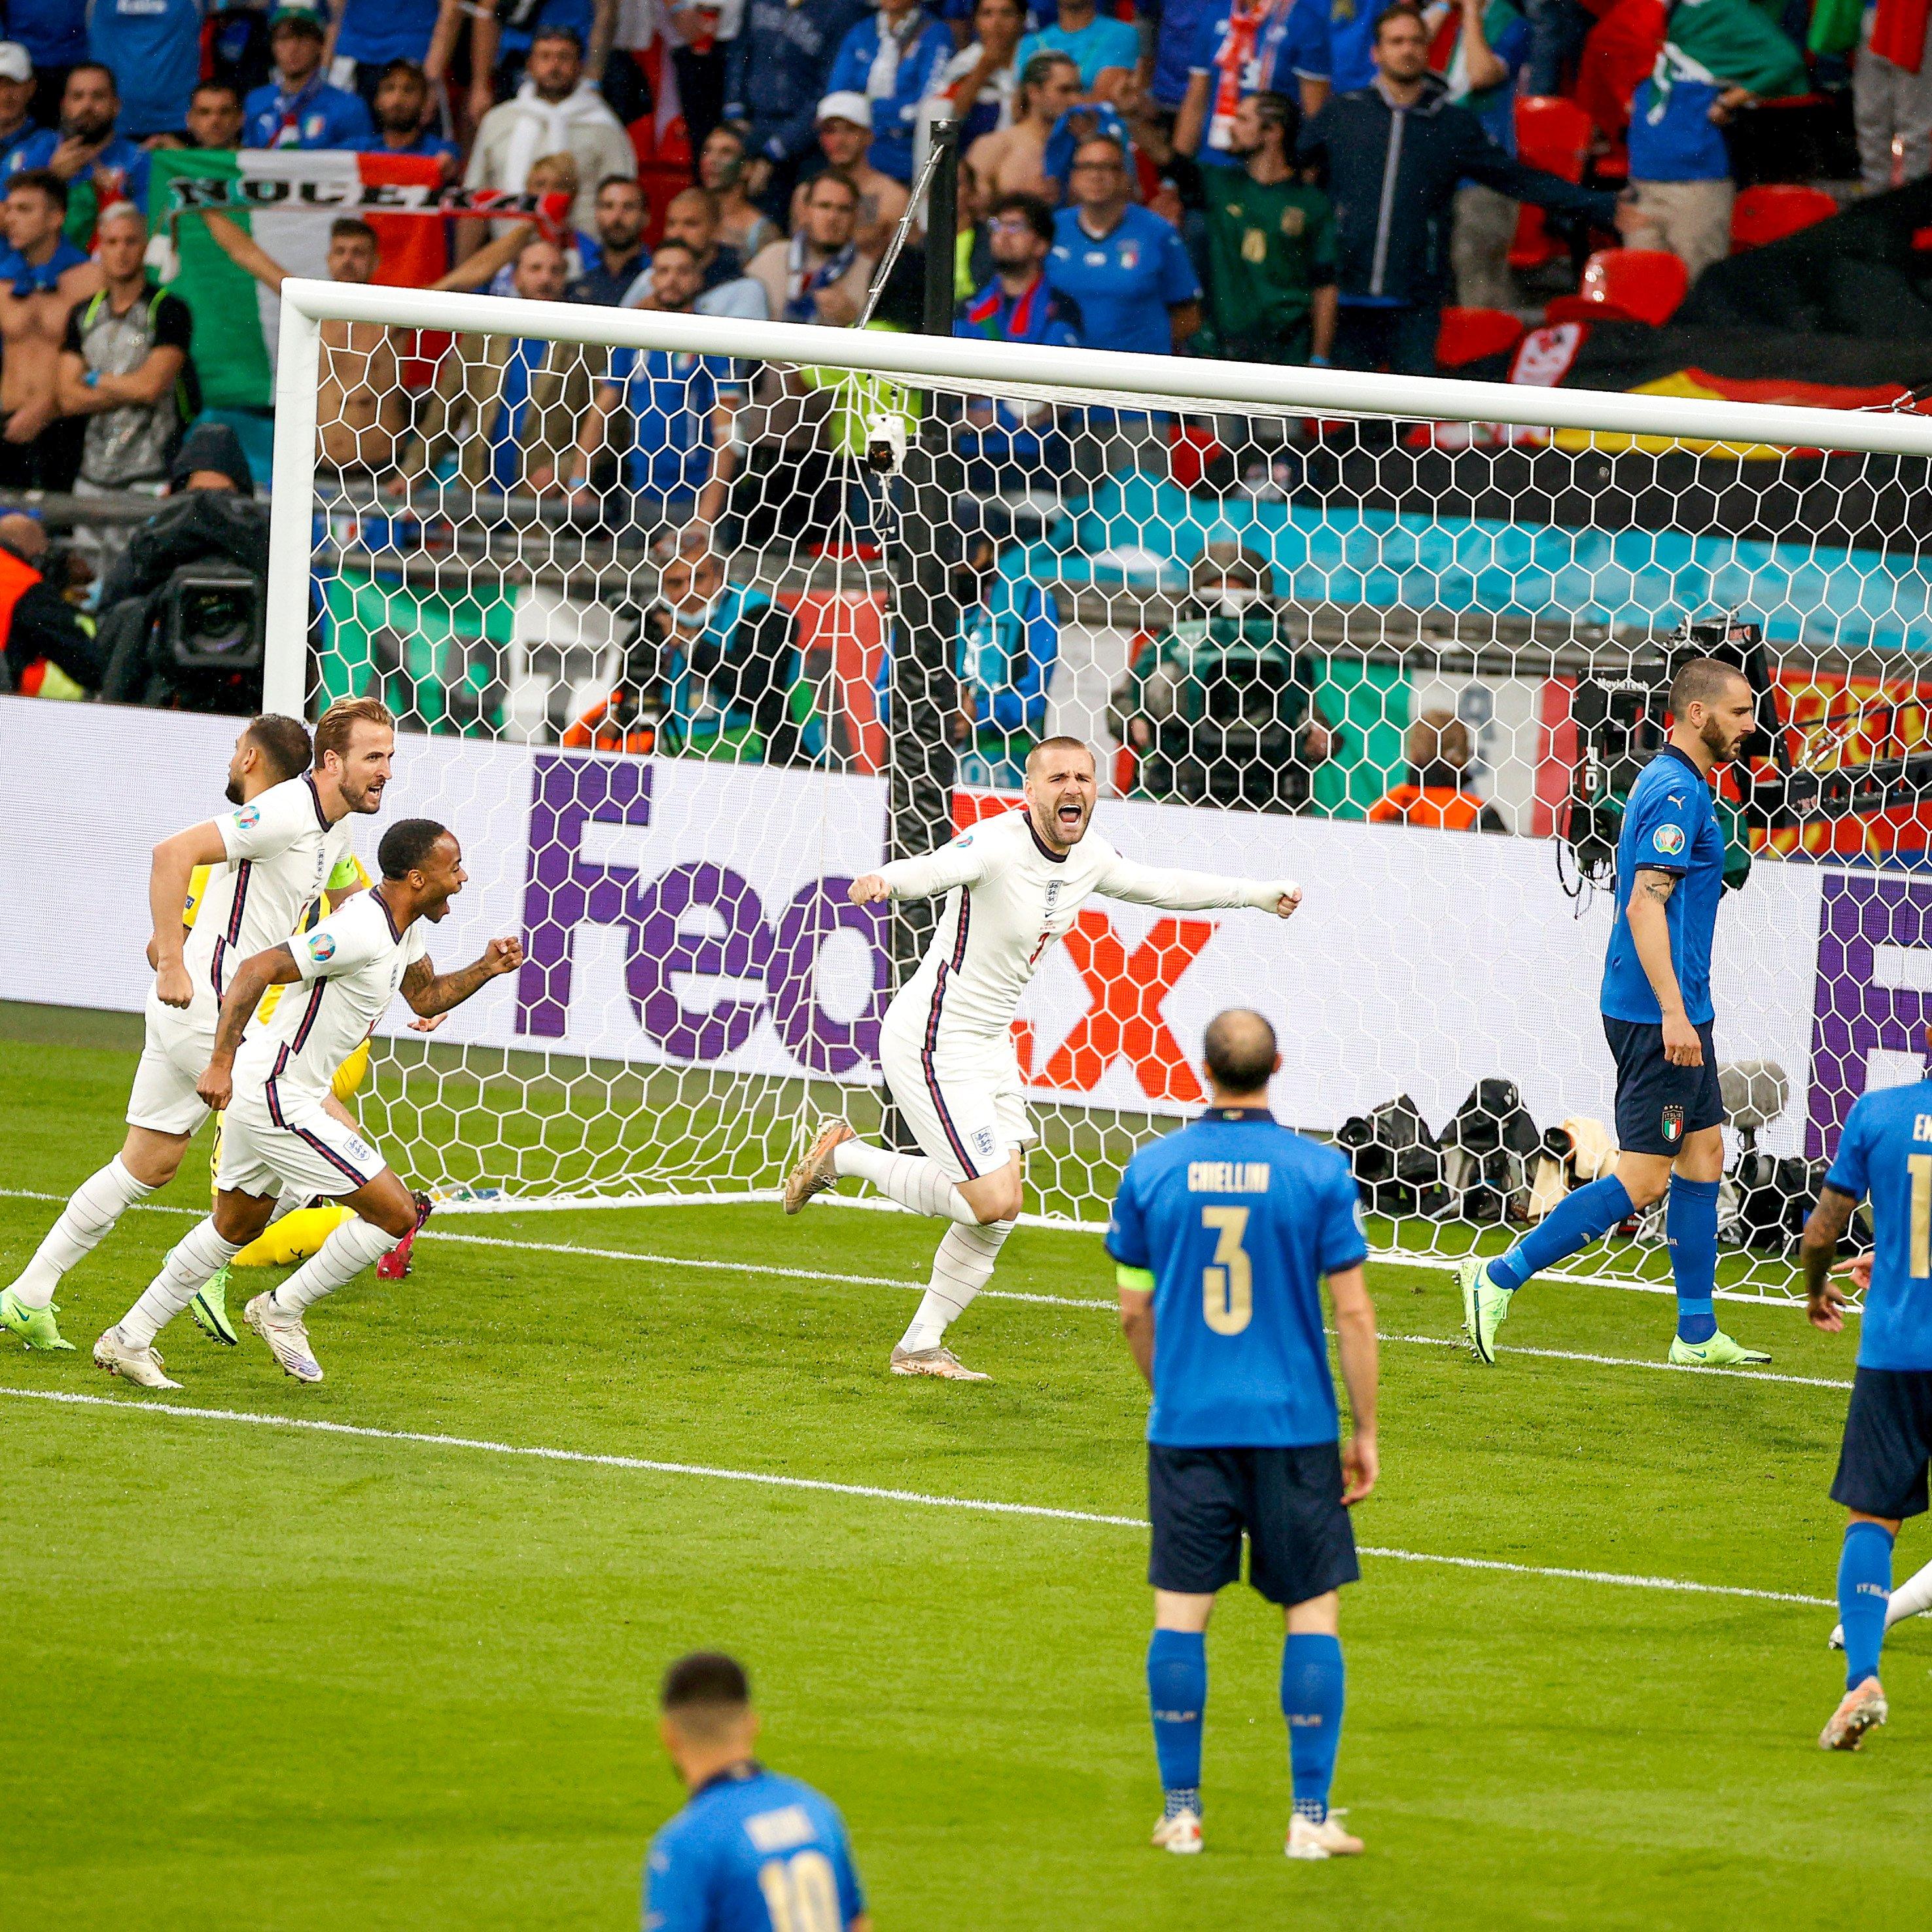 比赛仅仅开场1分57秒,卢克·肖就帮助英格兰队领先。